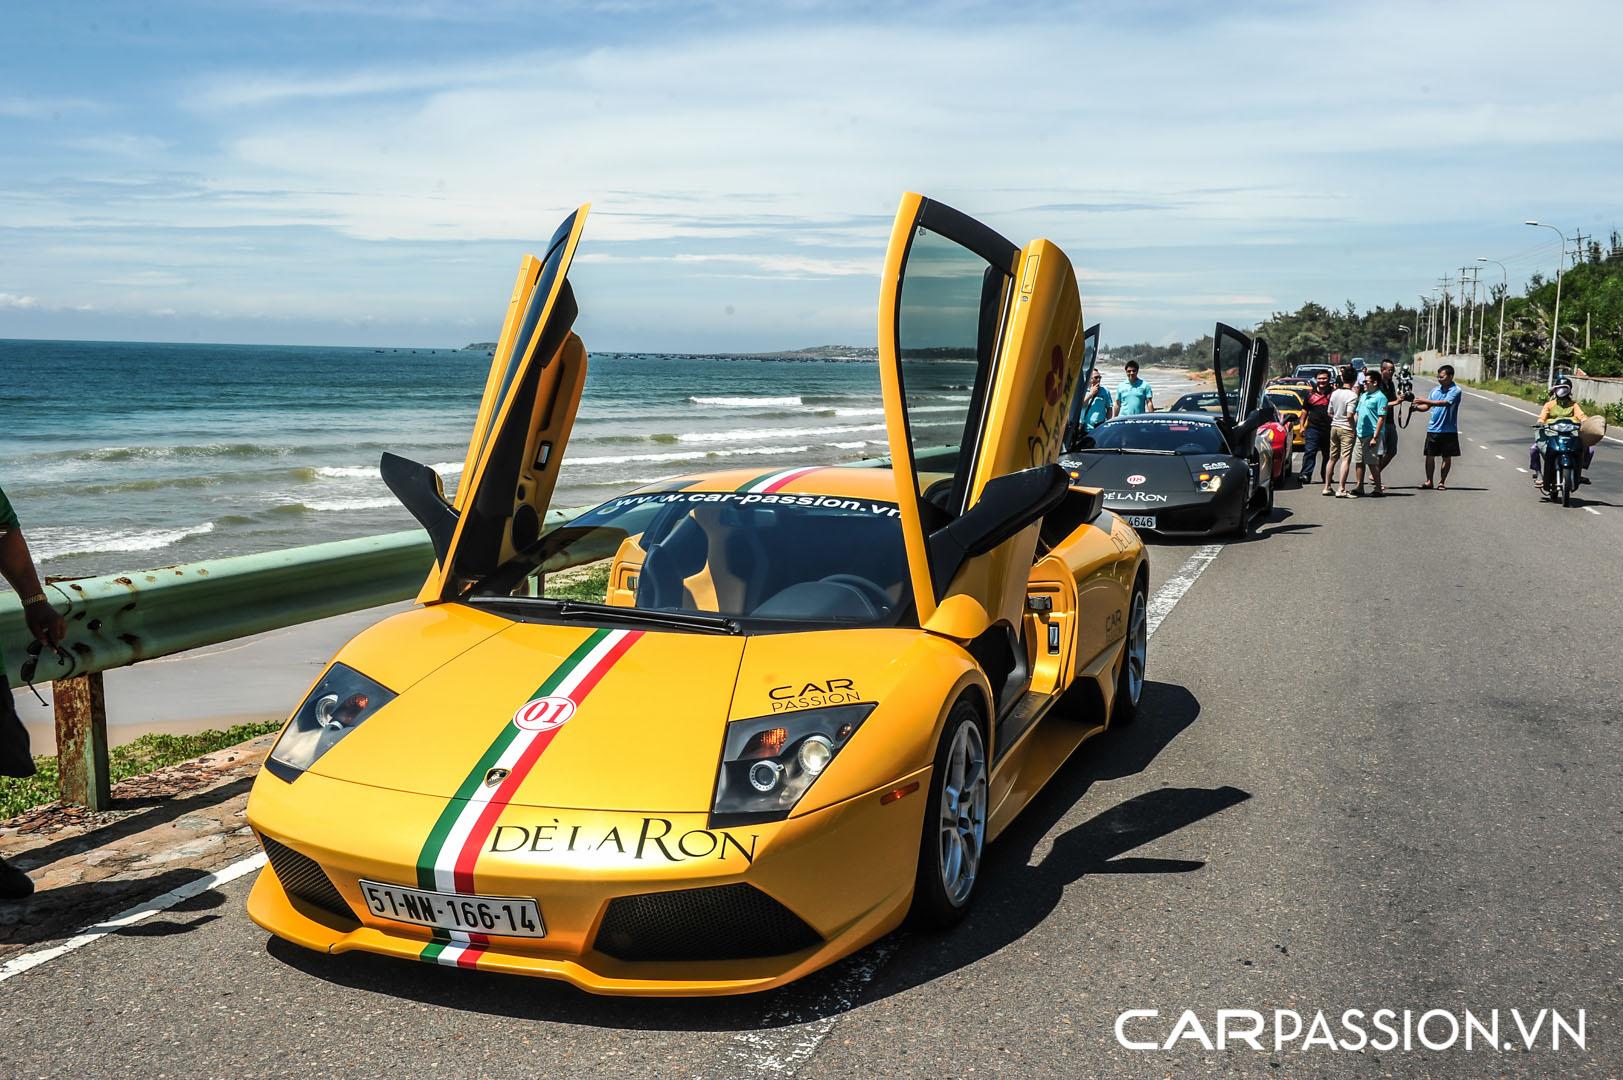 CP-Hành trình siêu xe CarPassion 2011 Day 2 (230).jpg